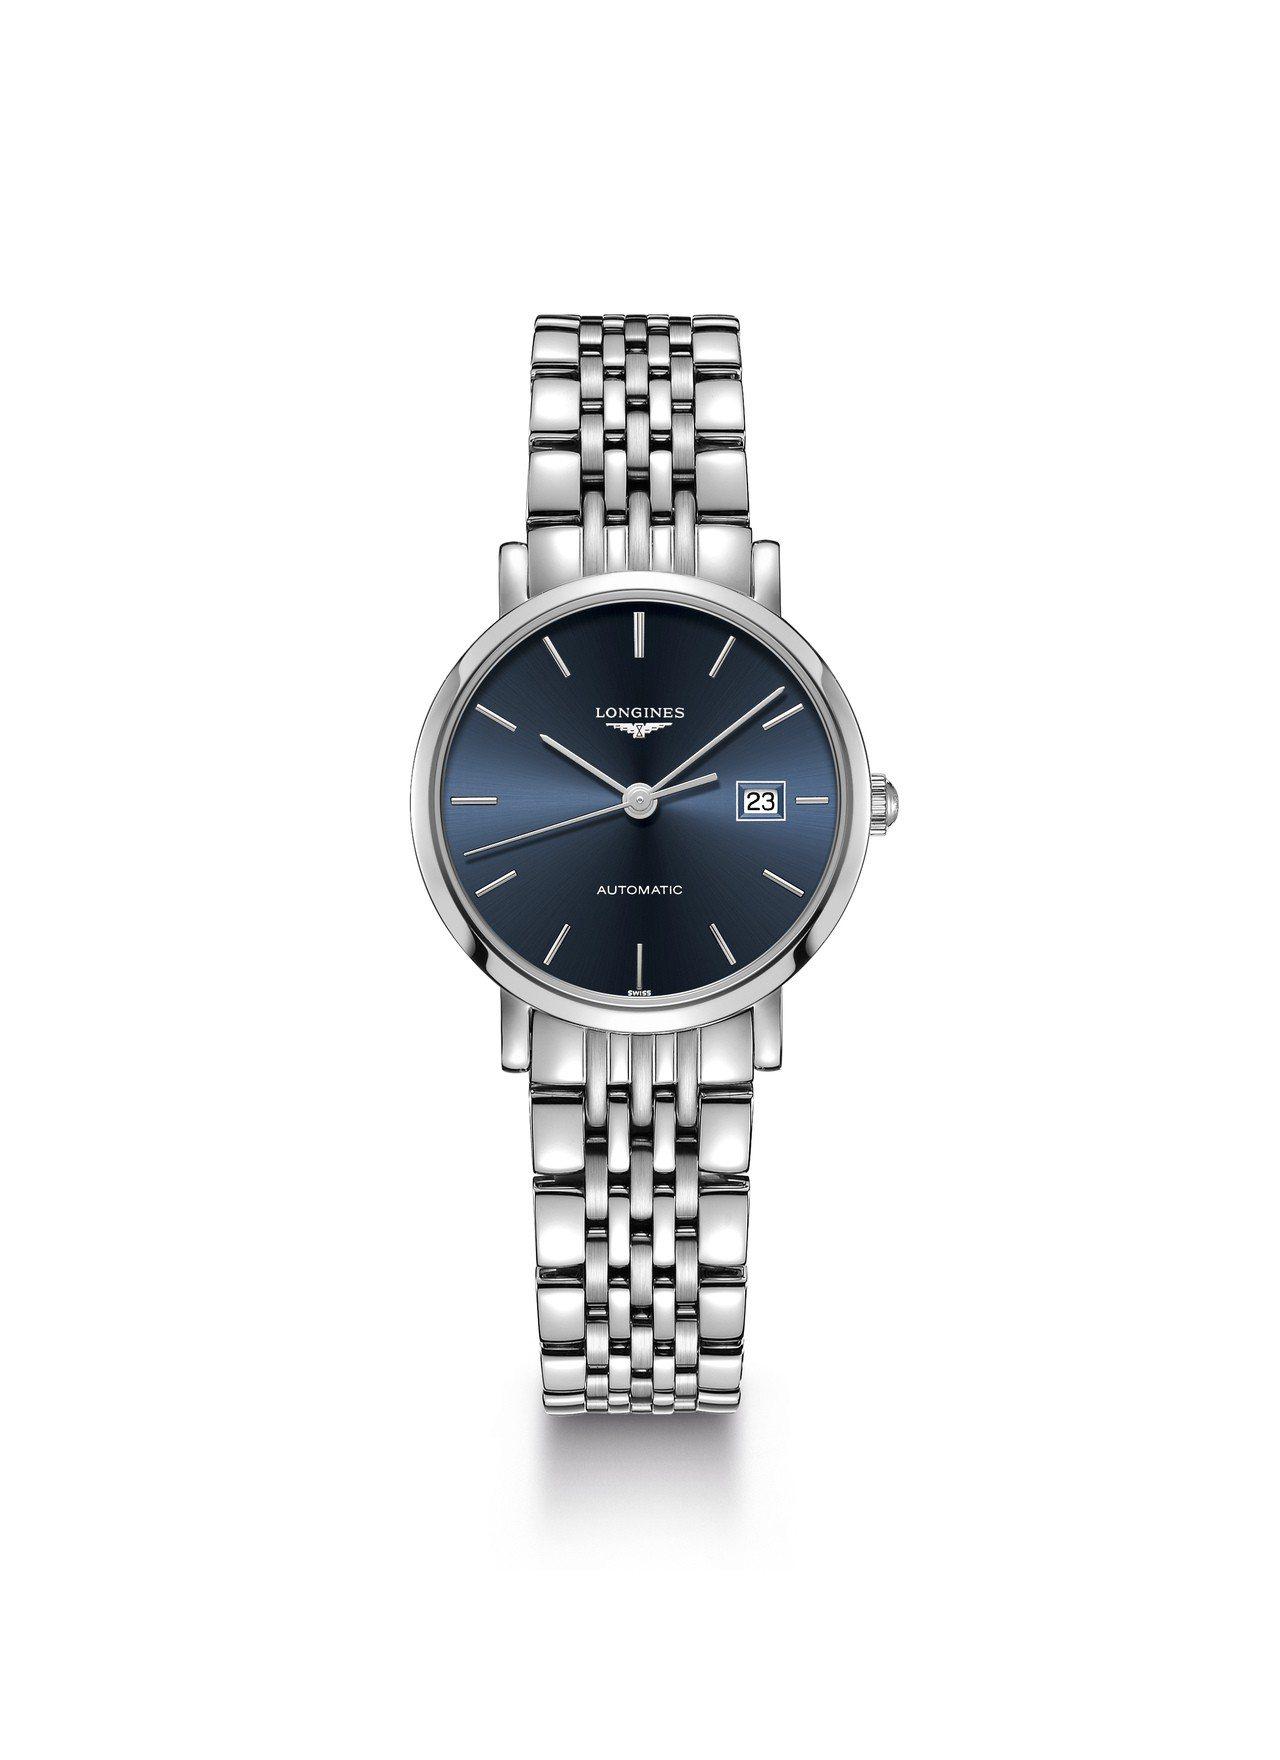 浪琴優雅系列29毫米不鏽鋼藍面自動上鍊腕表,52,200元。圖/浪琴表提供